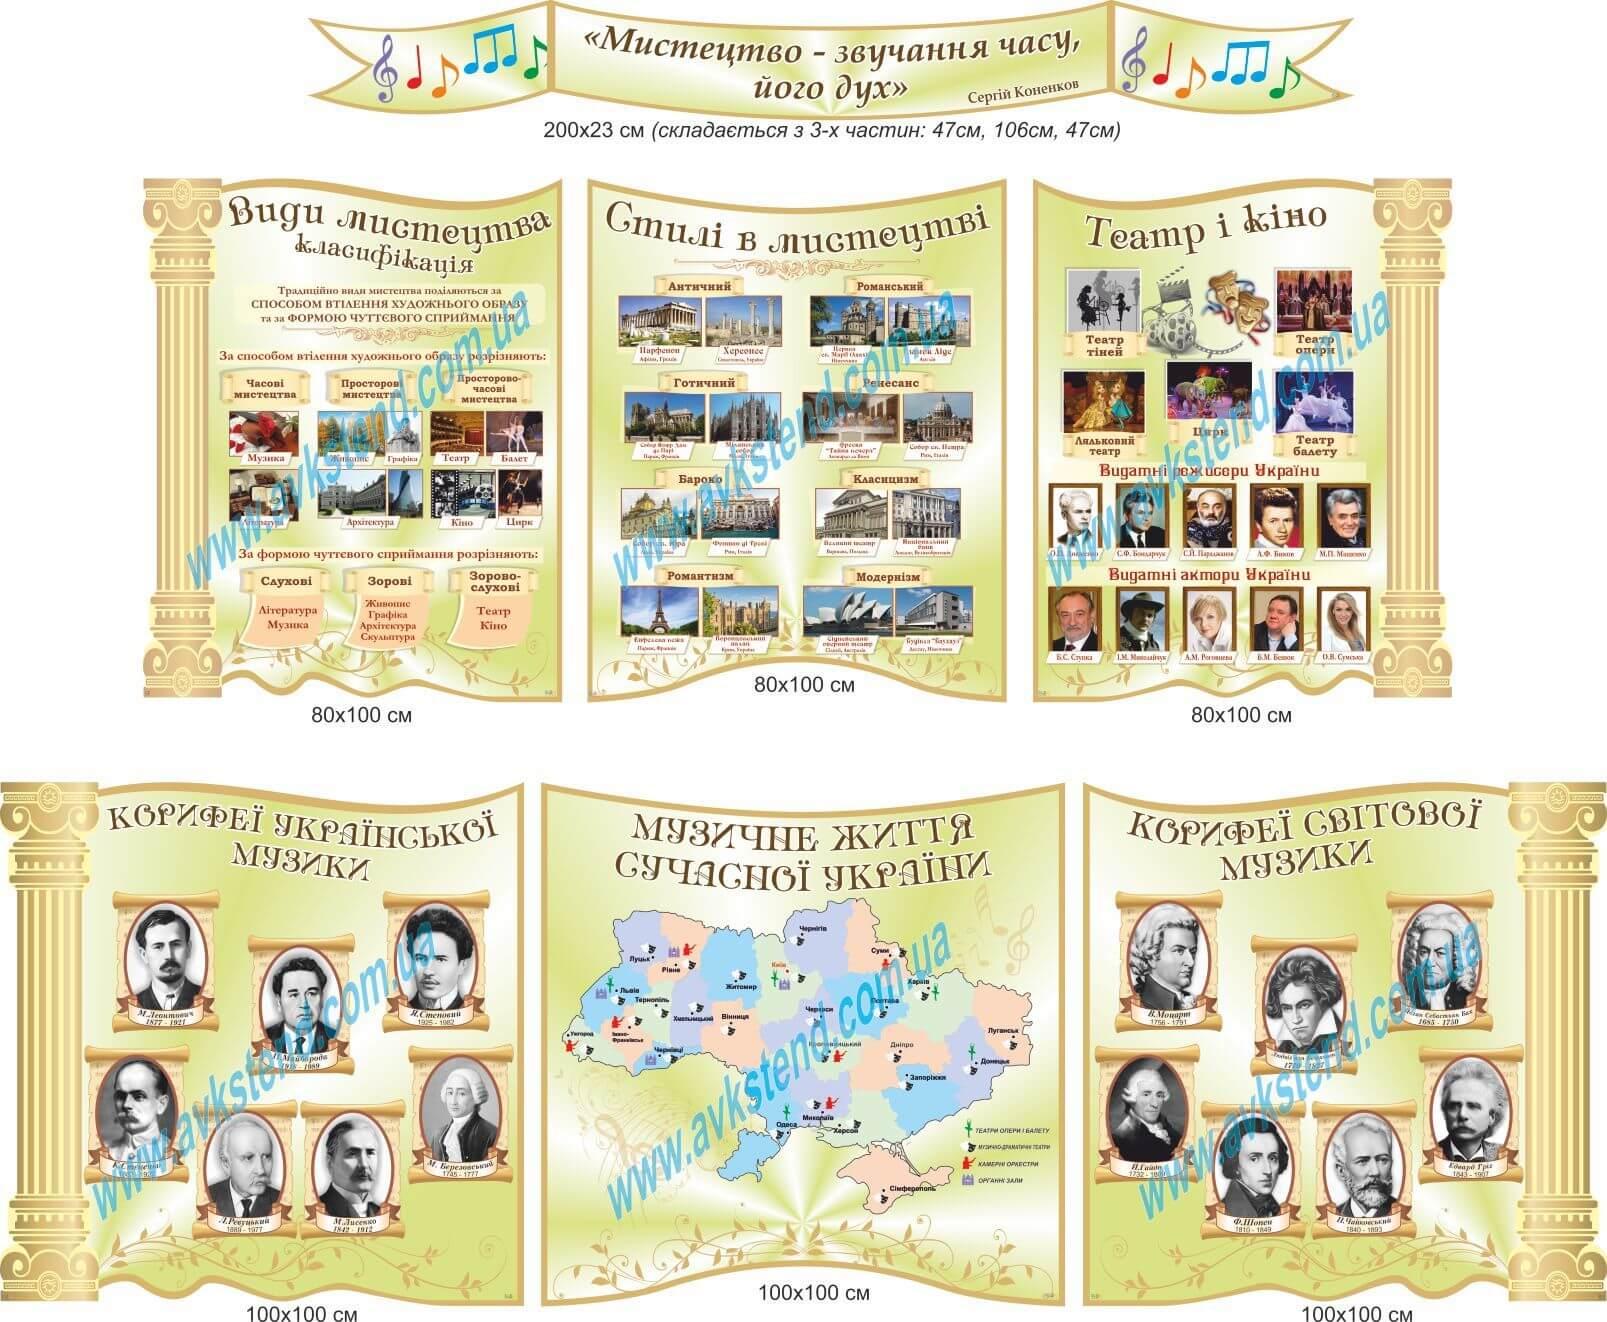 стенди для школи купити, стенди для школи замовити, стенди для кабінету, стенди для шкільного кабінету, оформлення кабінетів, оформлення шкільного кабінету, стенды для школы купить, стенды для школы заказать, стенды для кабинета, стенды для школьного кабинета, стенди для кабінету музики, музичні стенди, музыкальные стенды, Україна, Украина, музична абетка, музичні інструменти, основні вимоги до співу, музыкальная азбука, музыкальные инструменты, основные требования к пению, Україна, Украина,